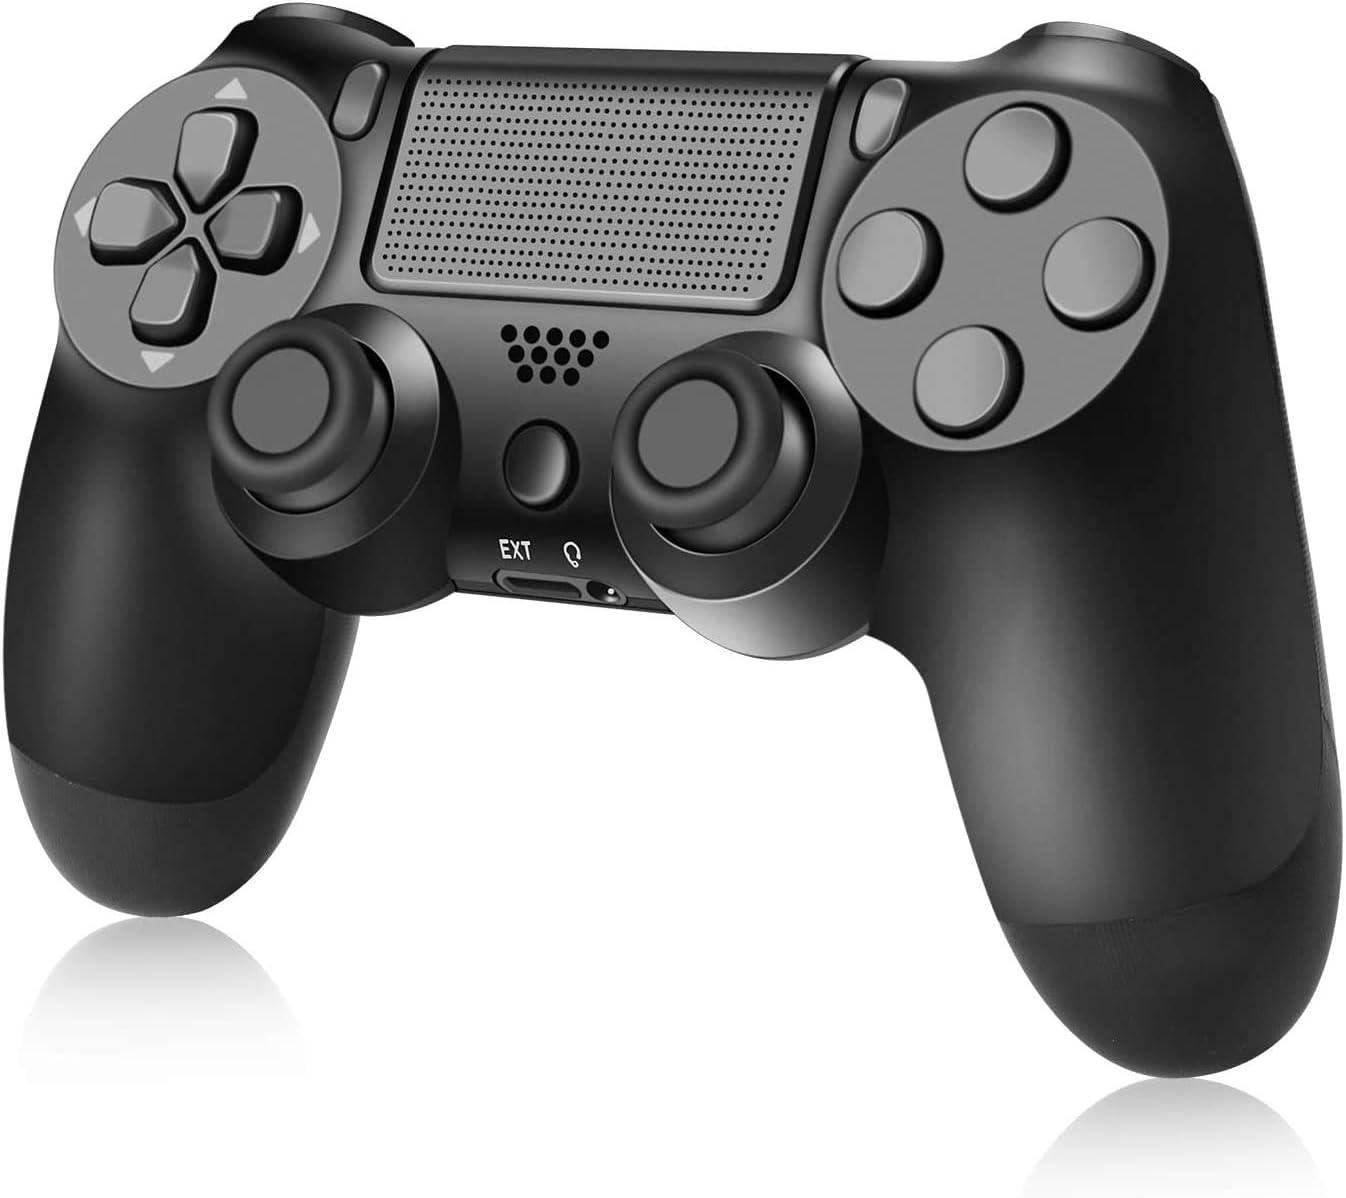 Mando para PS4, Controlador inalámbrico para PS4 / Pro/Slim/PC, Gamepad de Panel táctil con función de Audio y vibración Dual, Textura Antideslizante, Gyro de 6 Ejes y Conector de Audio